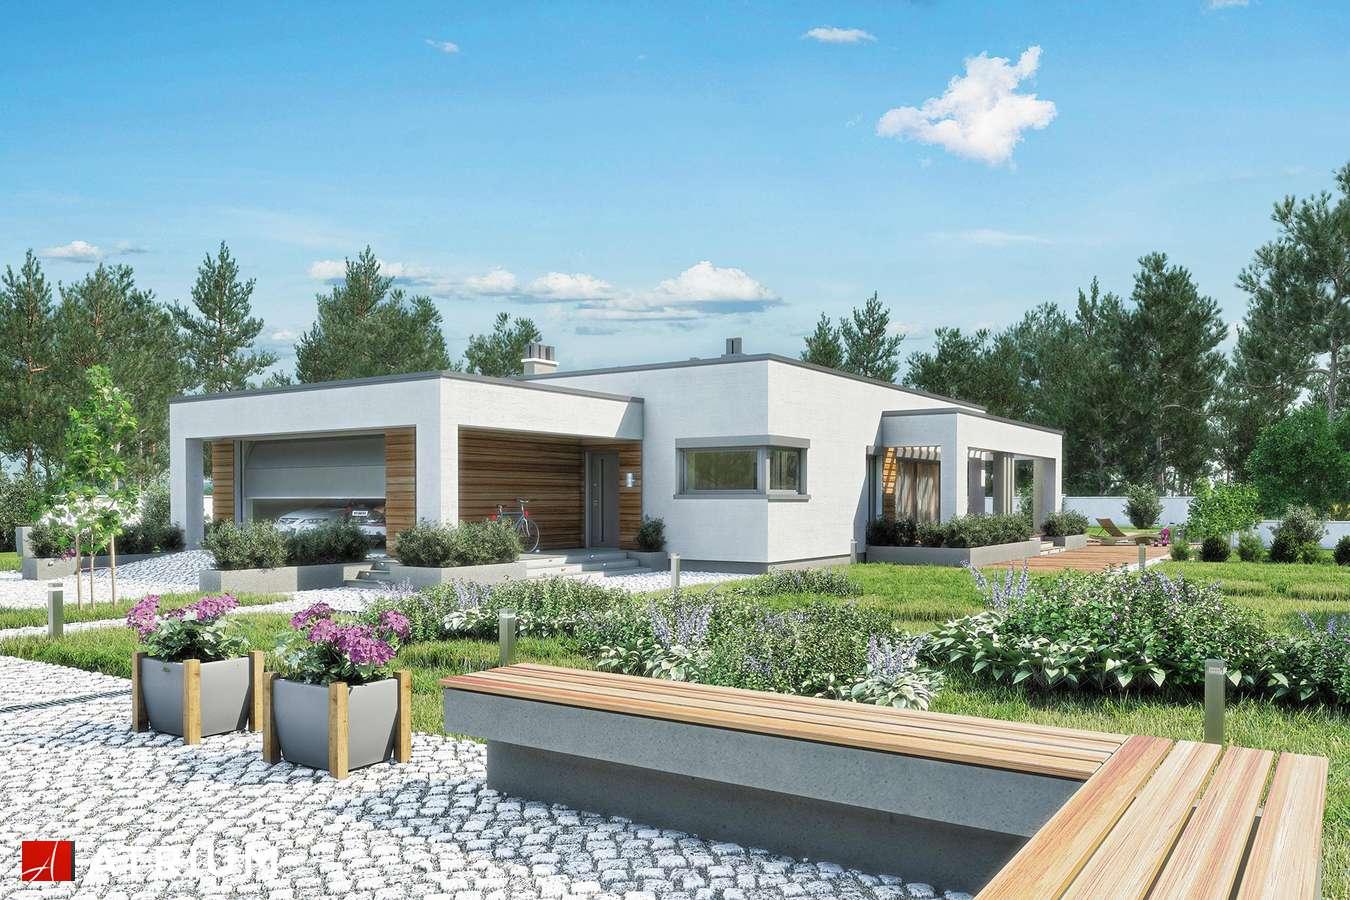 Projekty domów - Projekt domu parterowego SARDYNIA III - wizualizacja 1 - wersja lustrzana